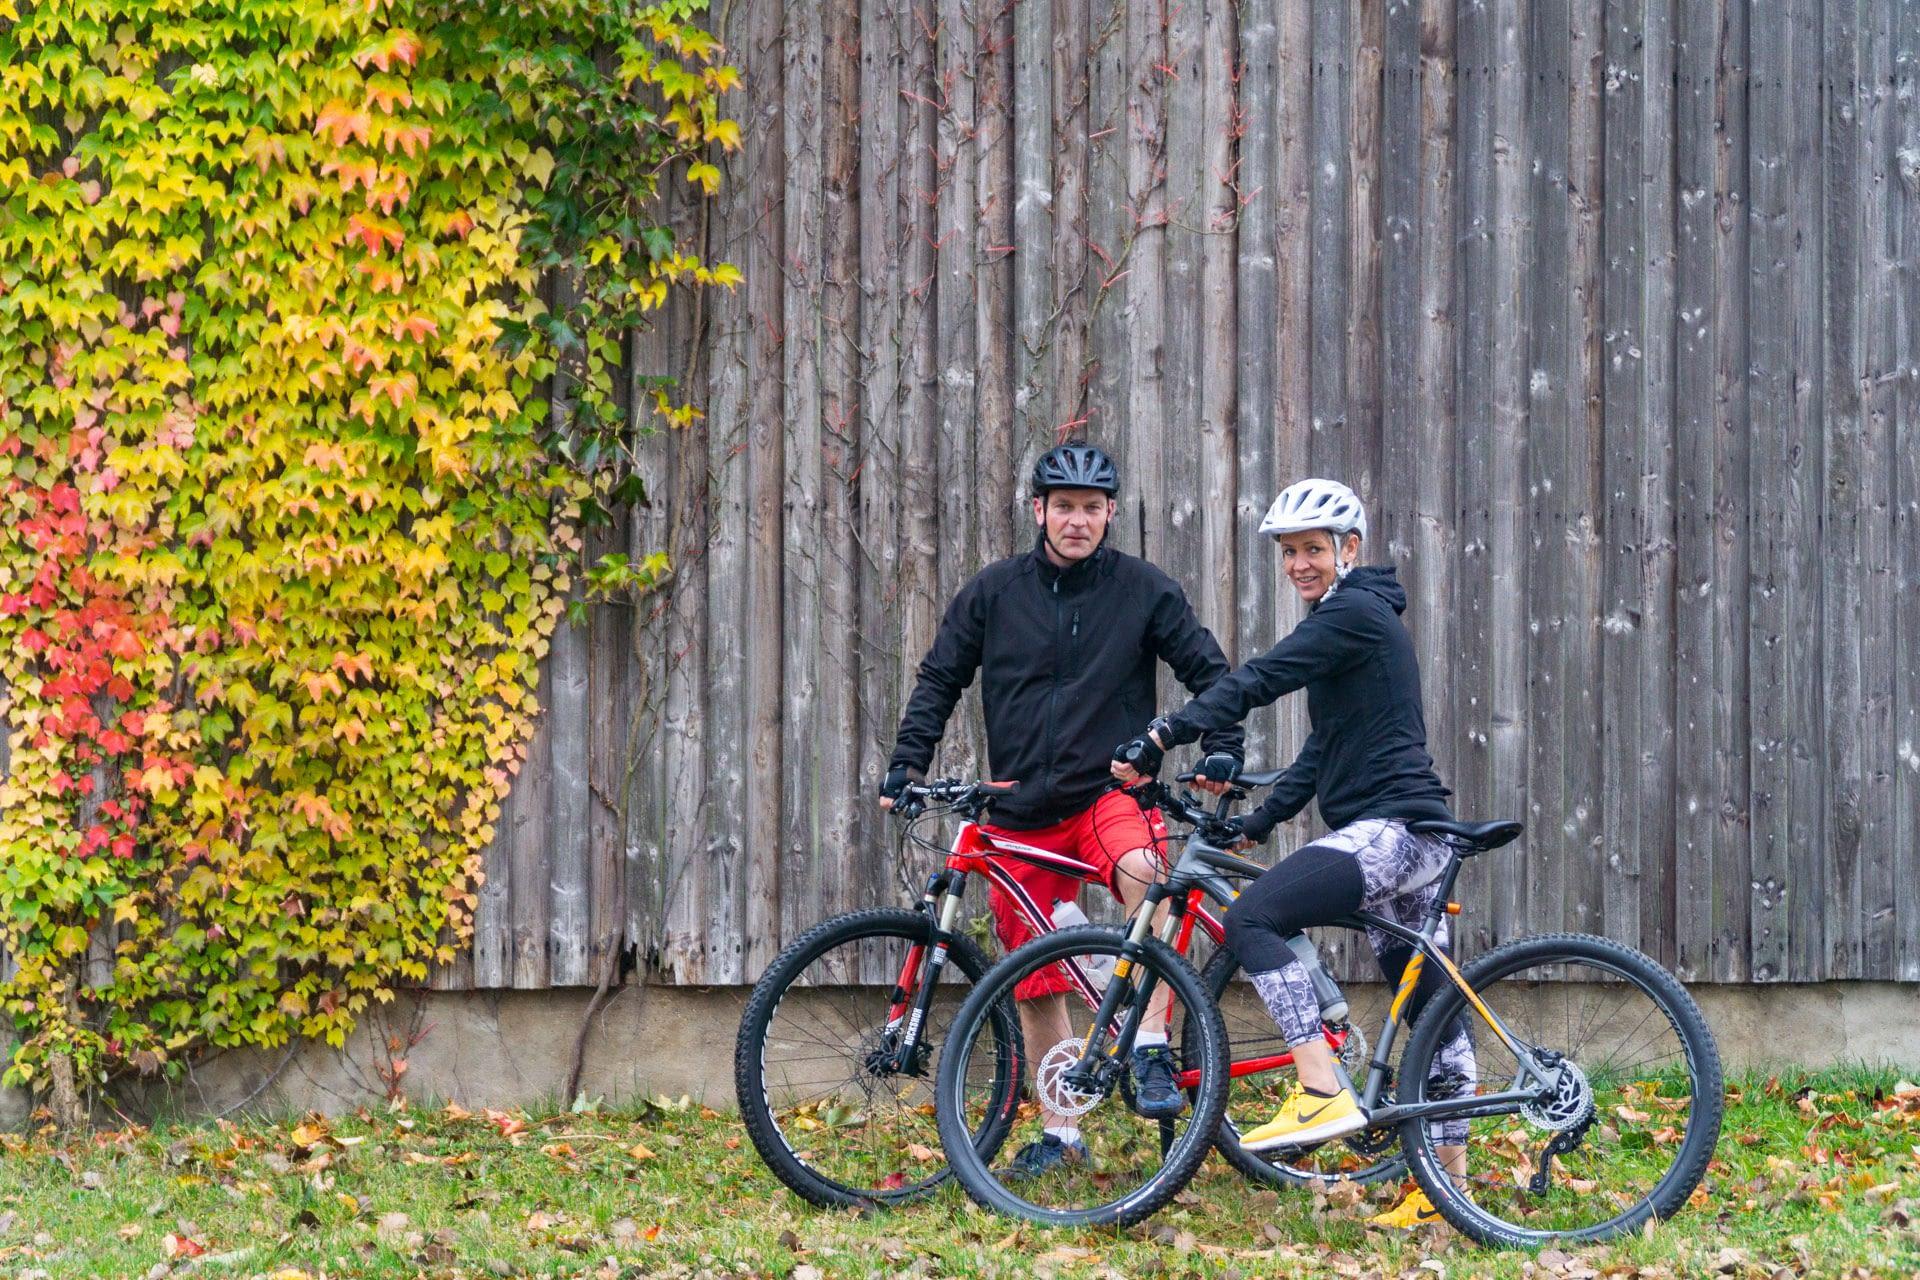 Lars D. und seine Frau Britta P. sind beide privat leidenschaftliche Radsportler und beruflich im Polizeidienst tätig.